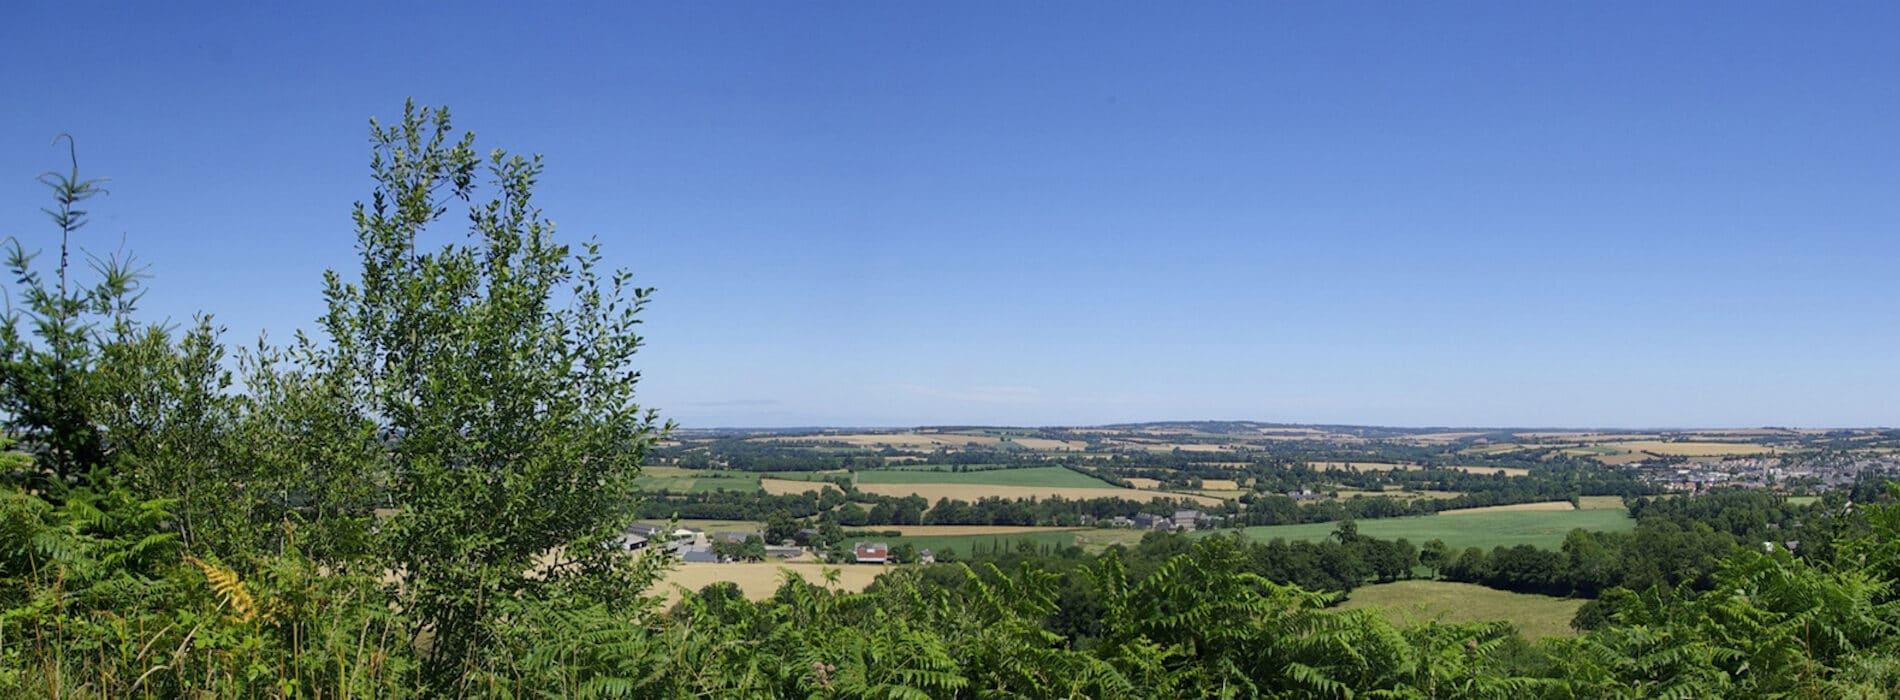 Paysage de nature dans le Calvados